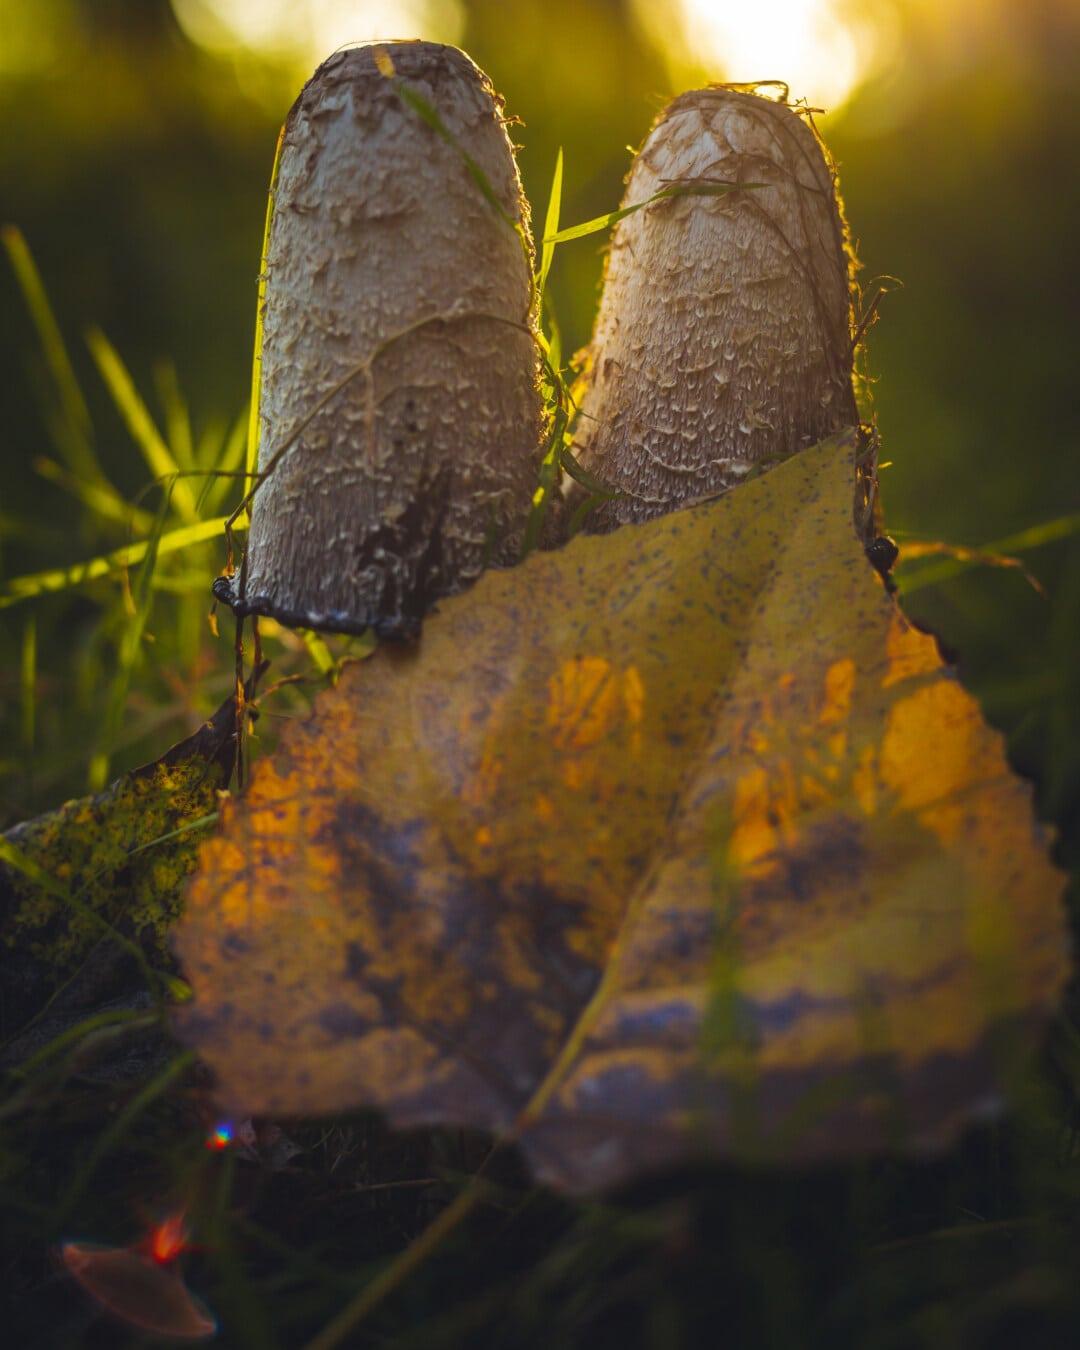 일출, 일광, 버섯, 햇빛, 백라이트, 곰 팡이, 곰 팡이, 자연, 잎, 버섯